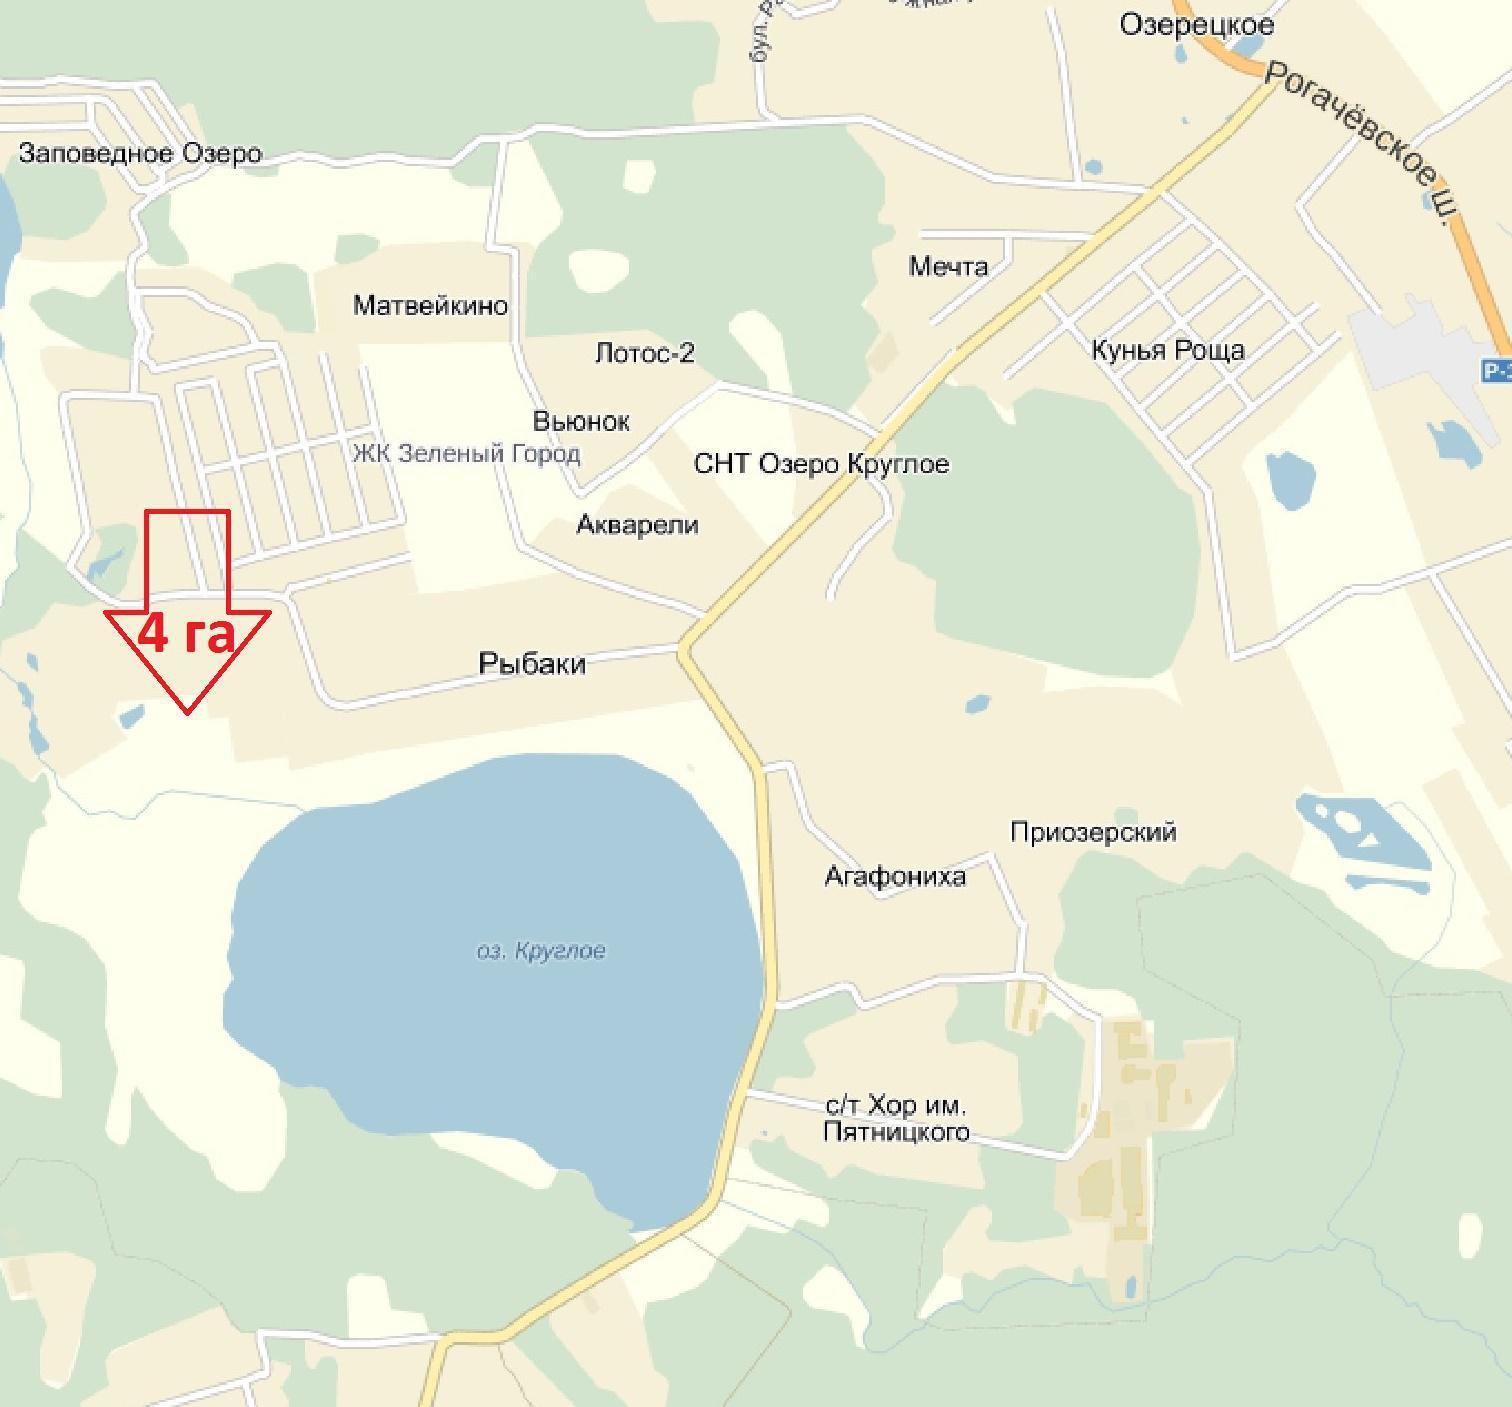 земельные участки дмитровский район рыбаки